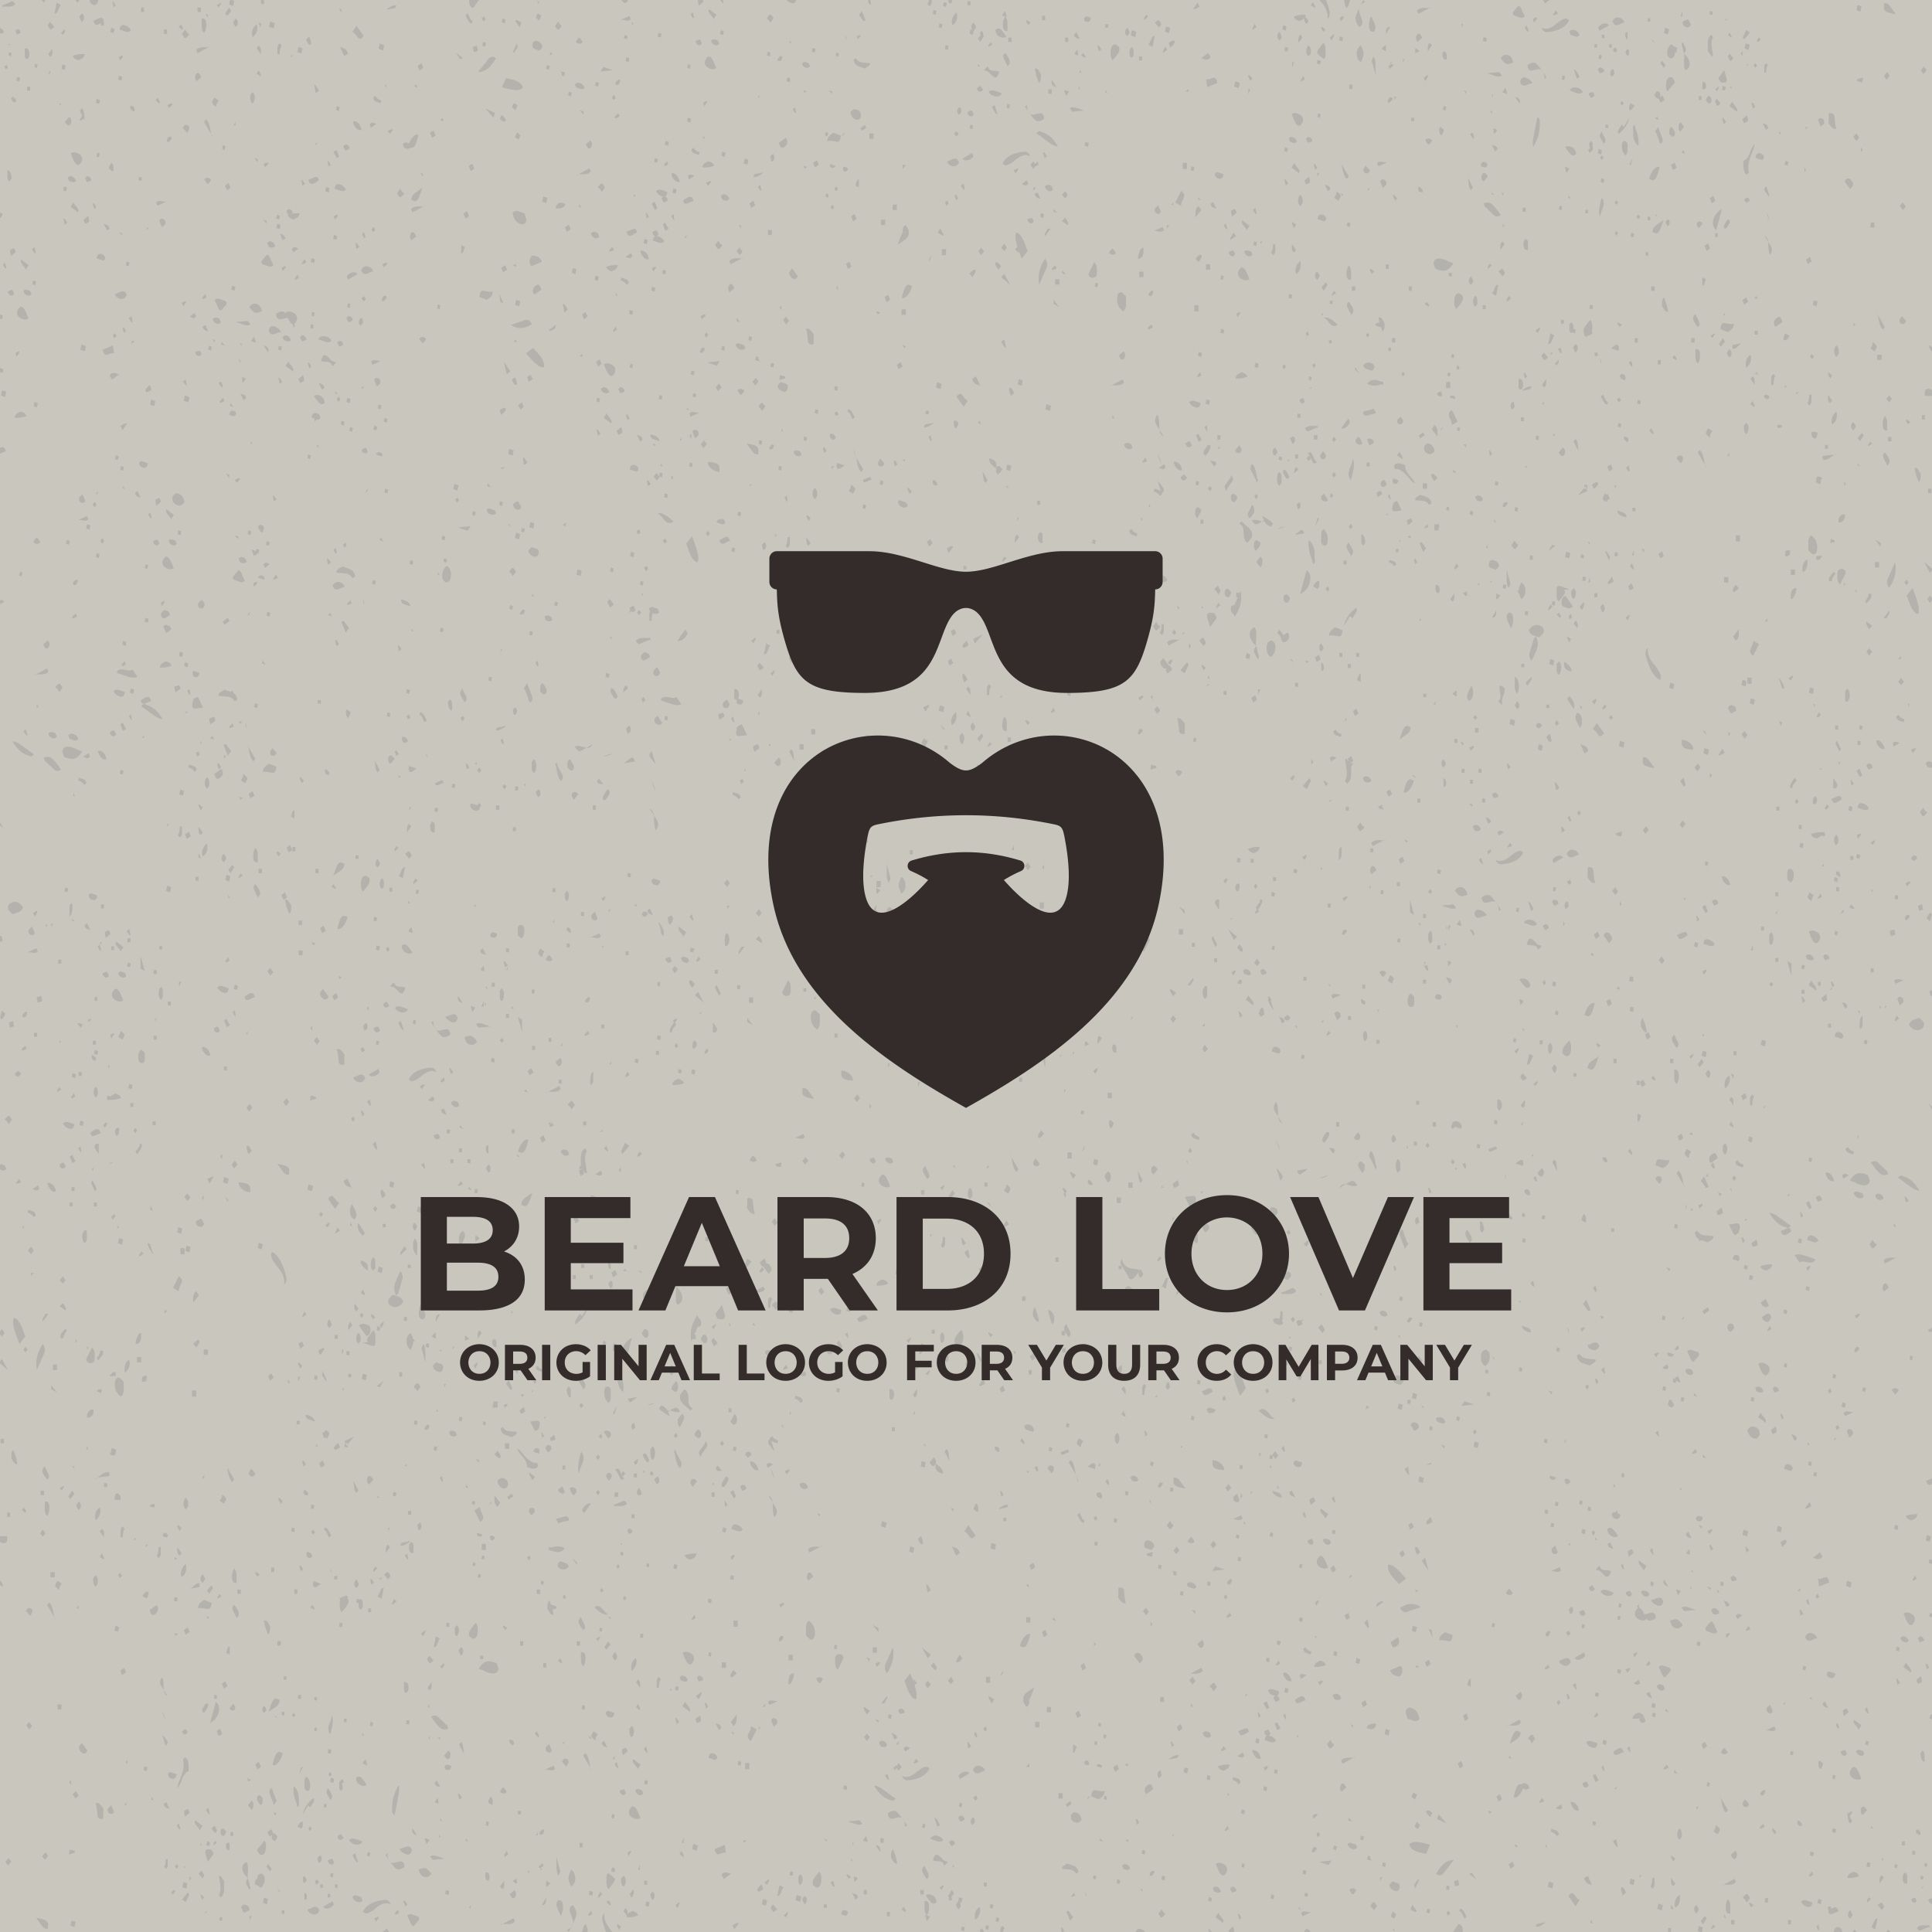 Heart shaped beard logo. Creative beard logo design